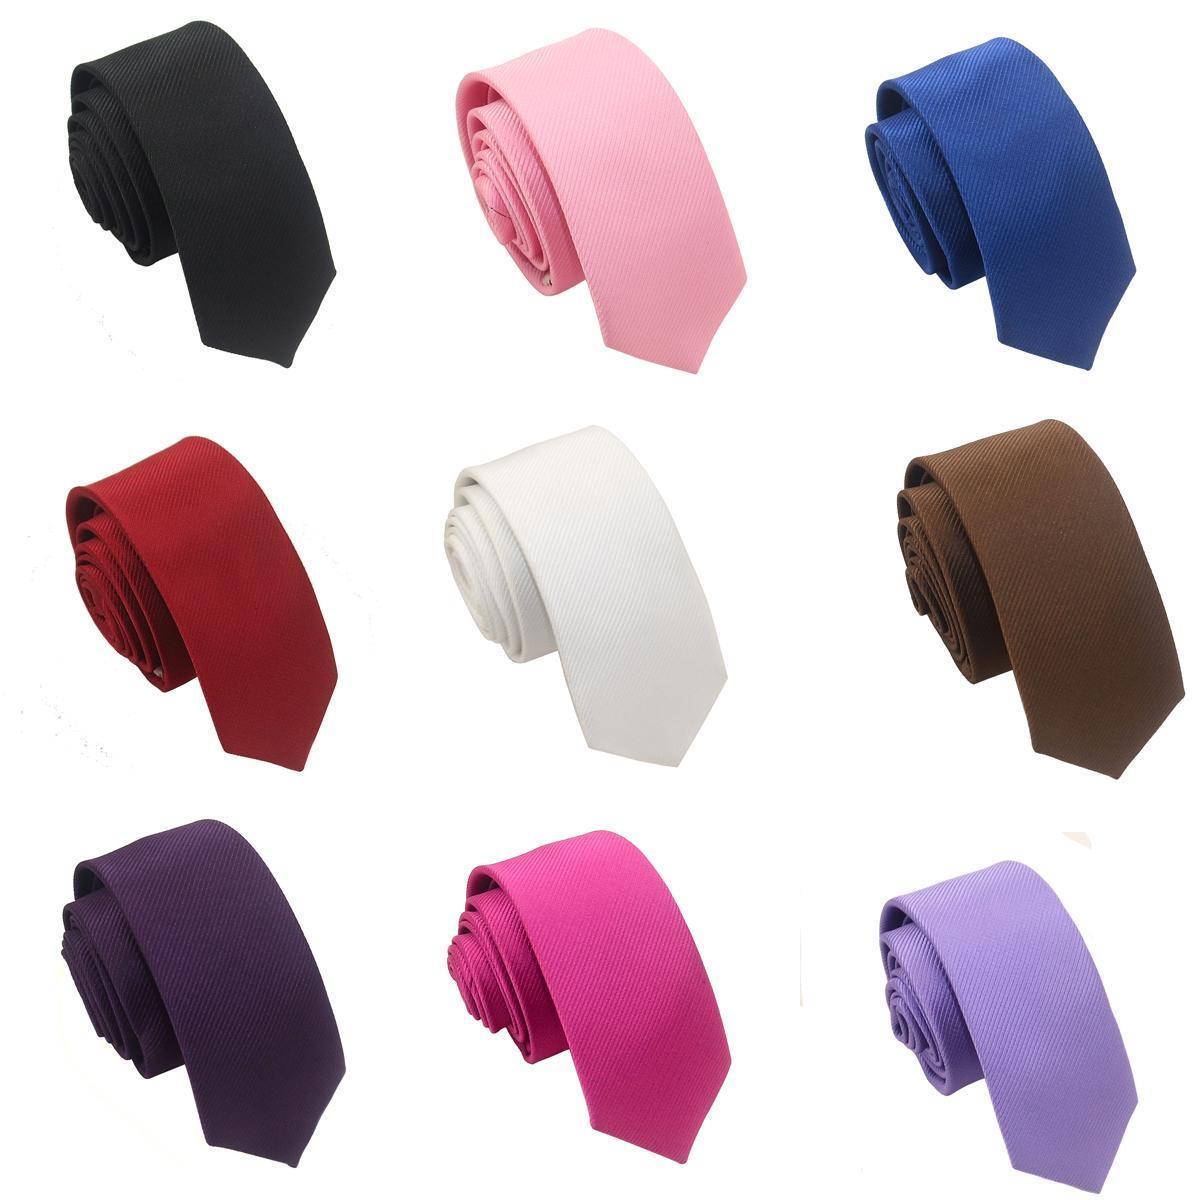 厂家直销的领带 供应优质的国人西装领带